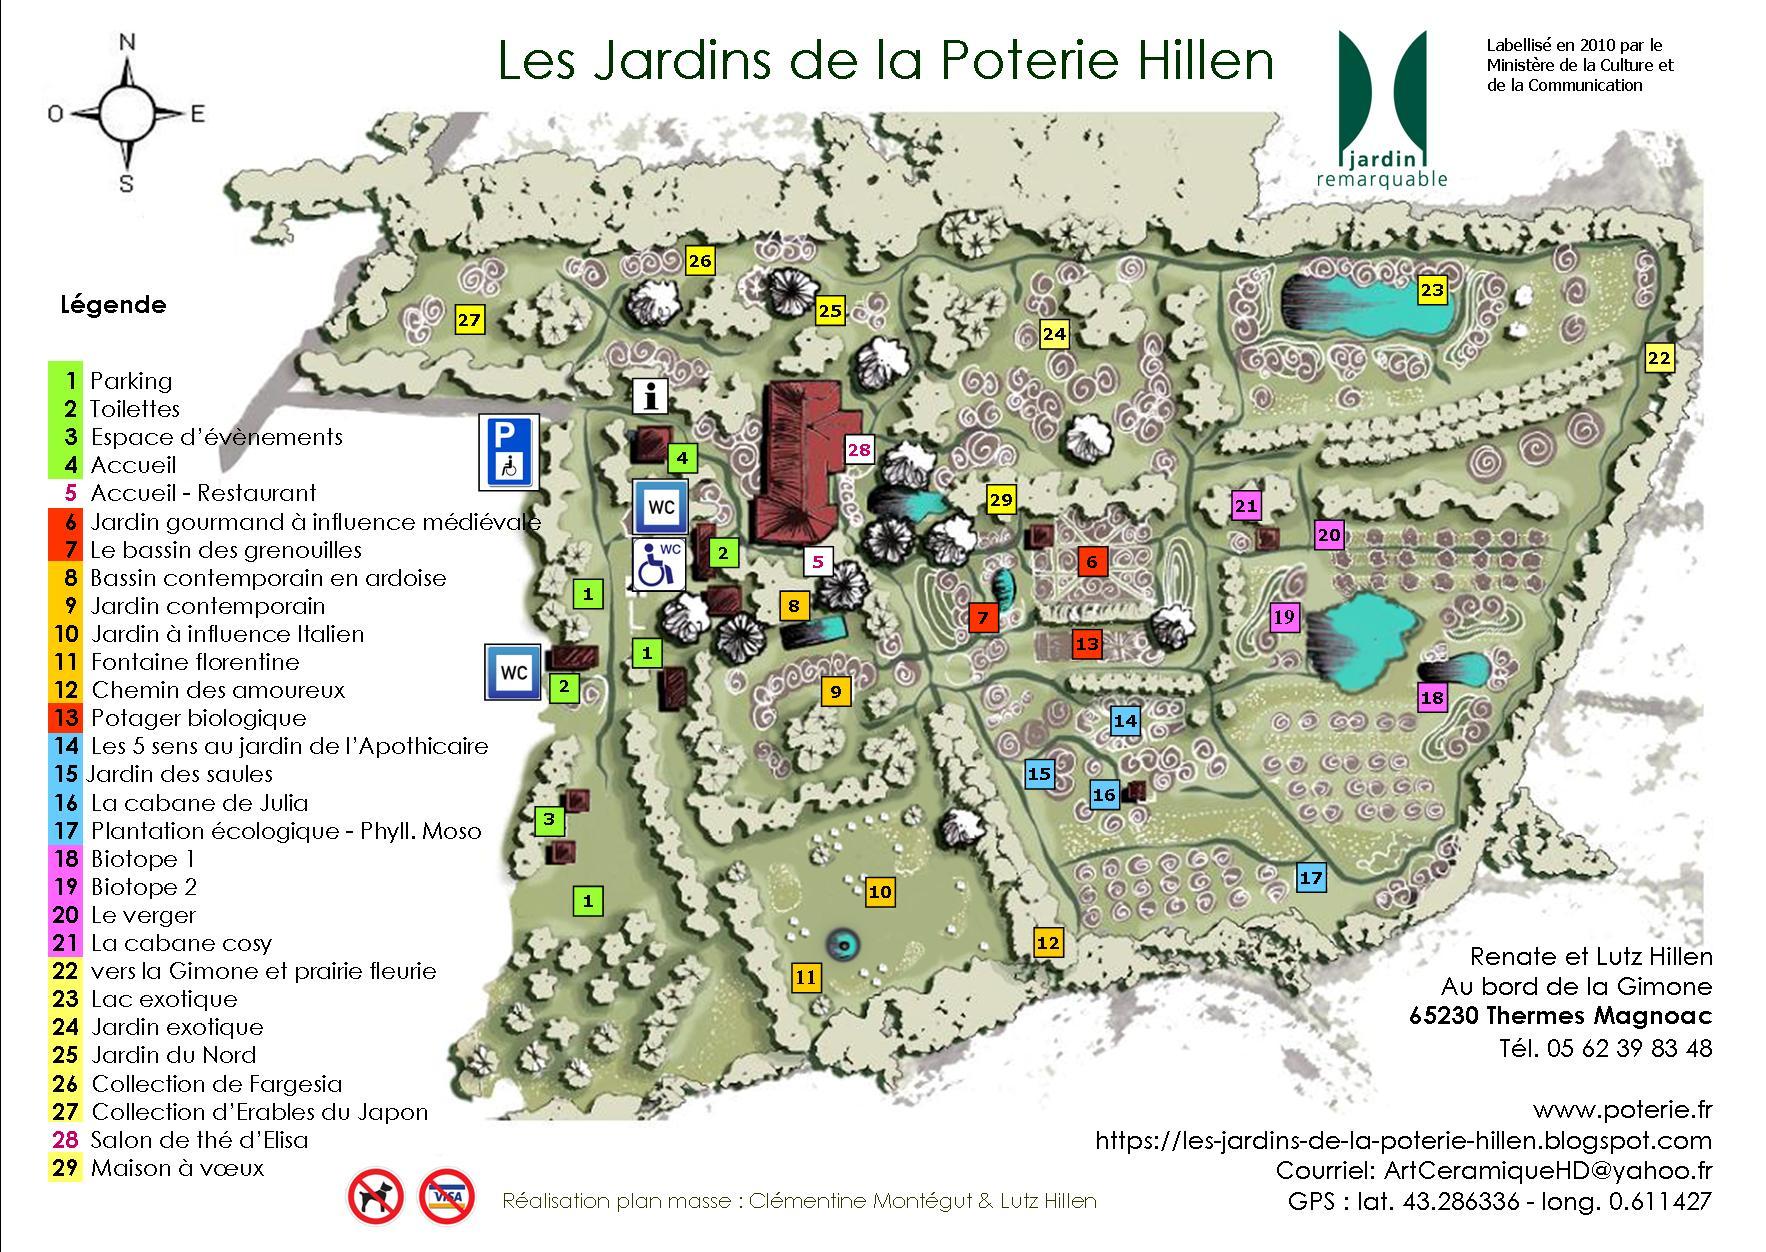 Les Jardins de la Poterie Hillen: tarifs / ouverture - opening hours ...